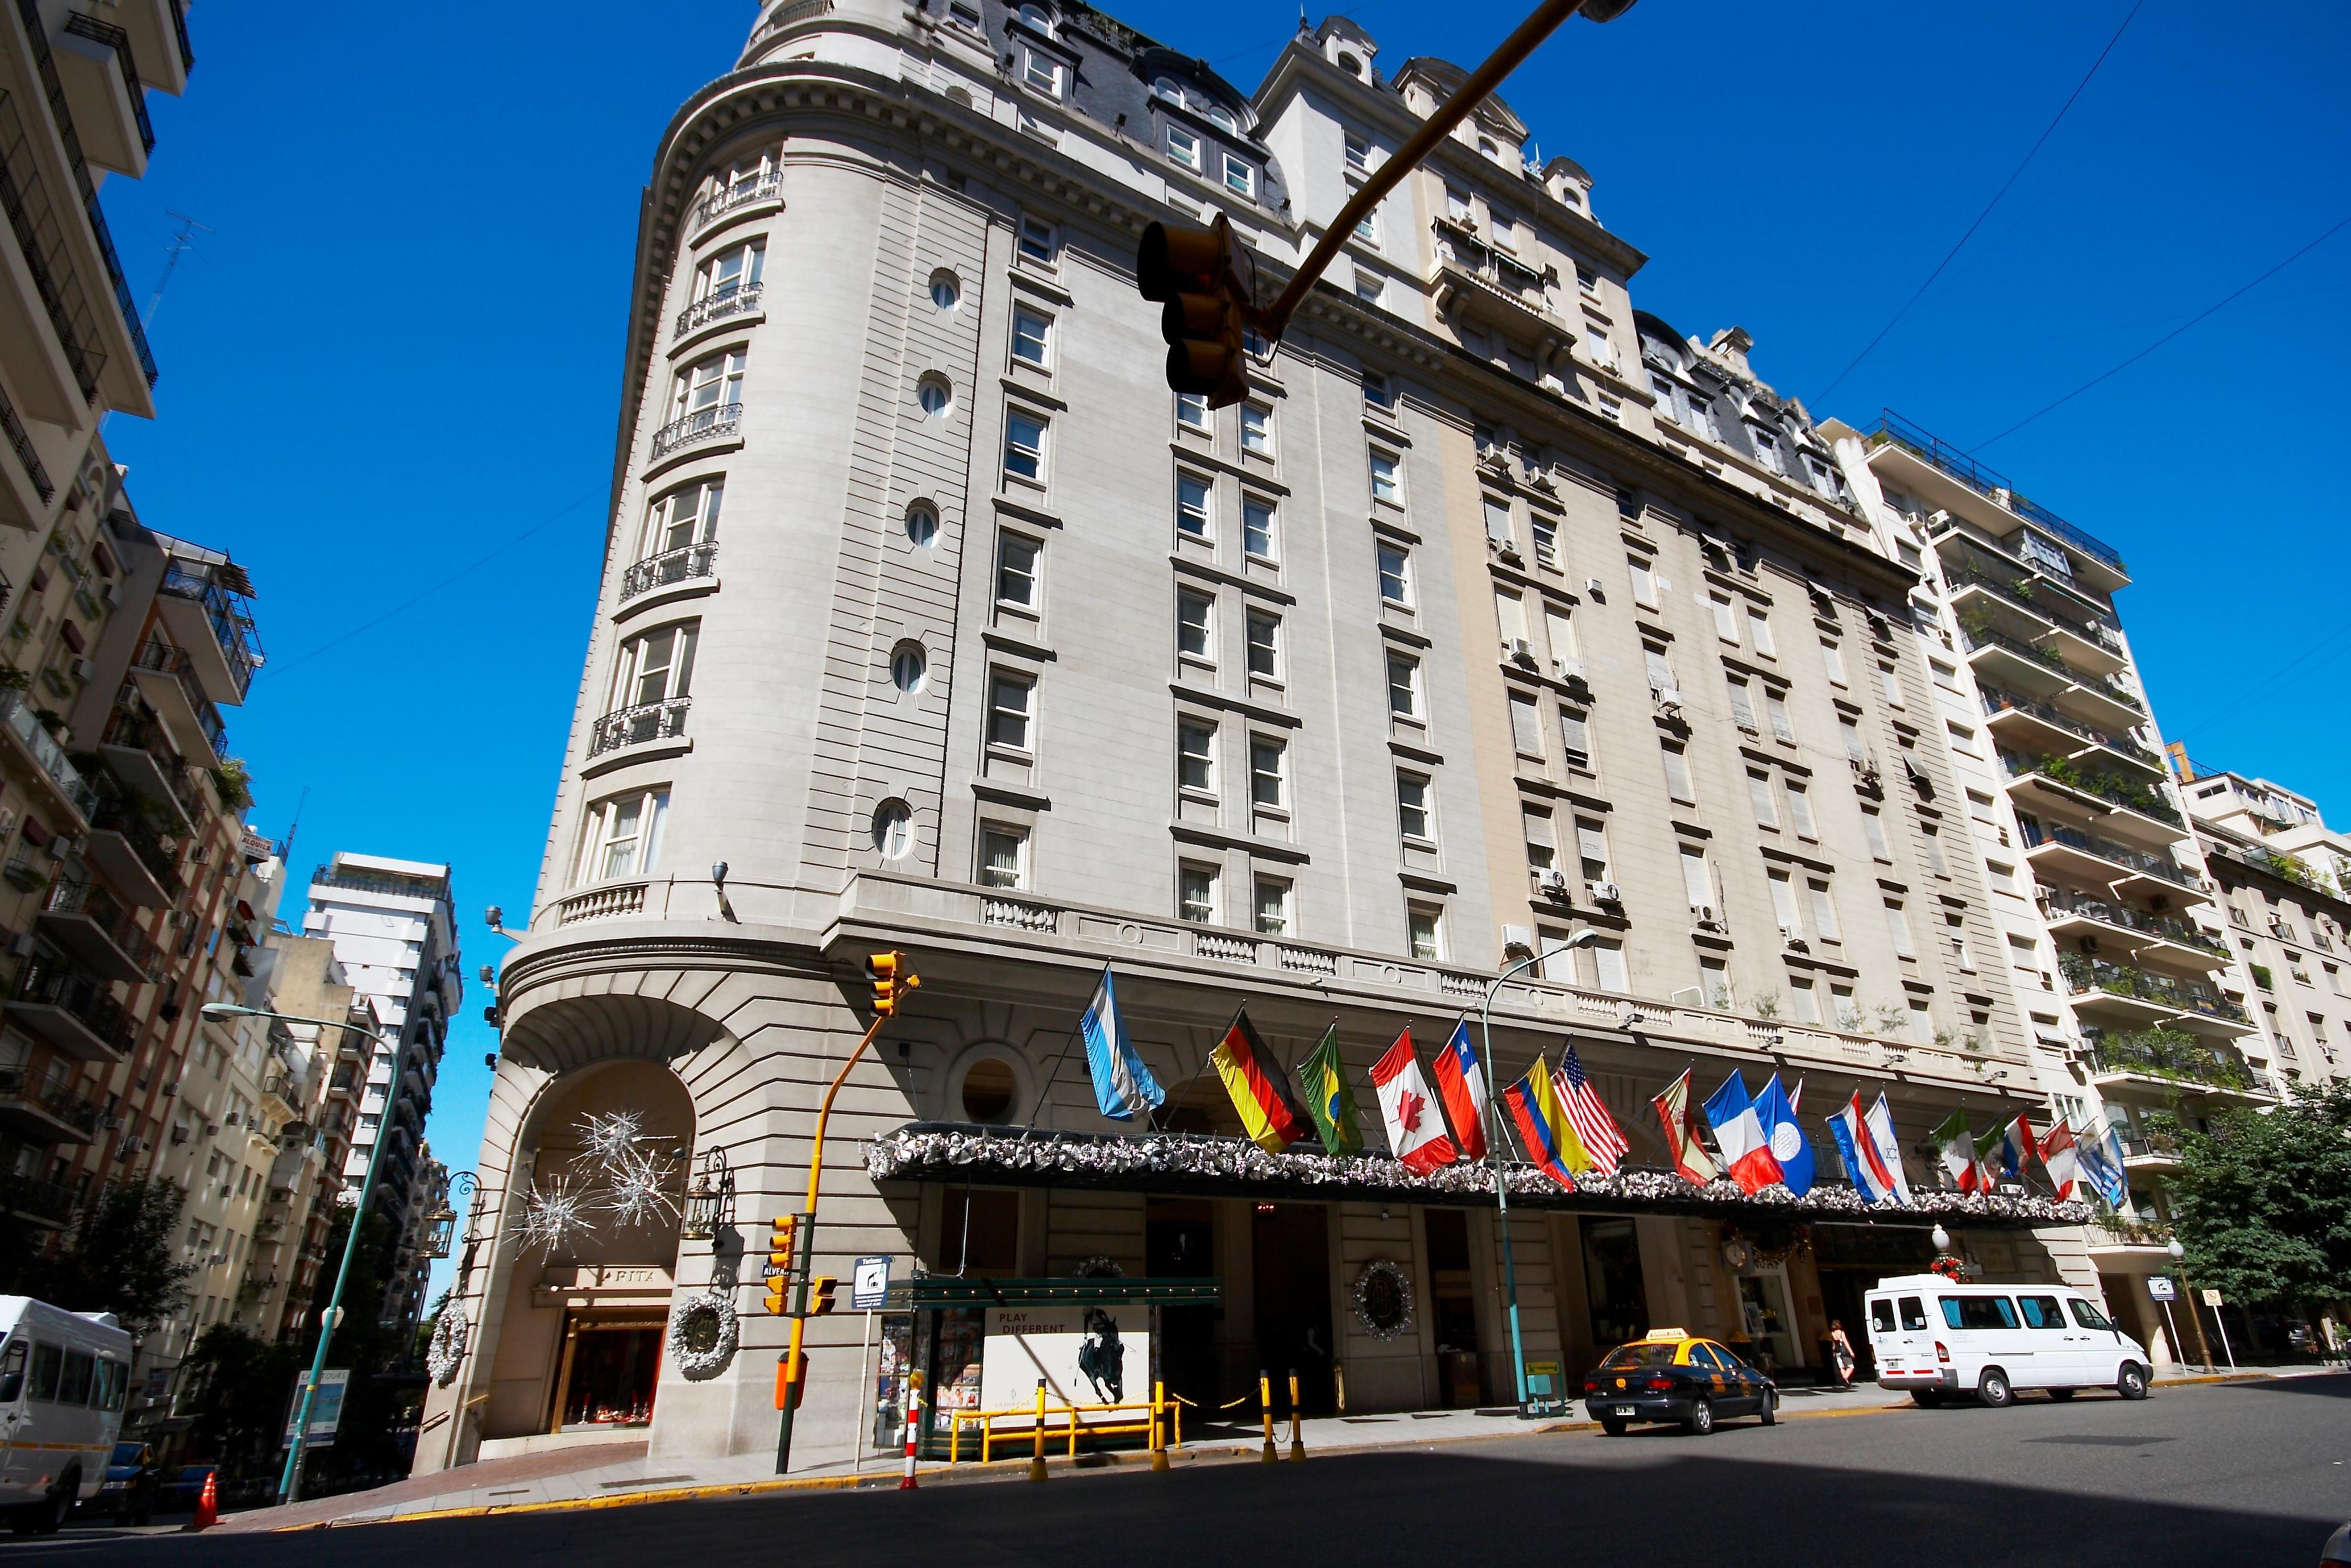 STAY: ALVEAR PALACE HOTEL